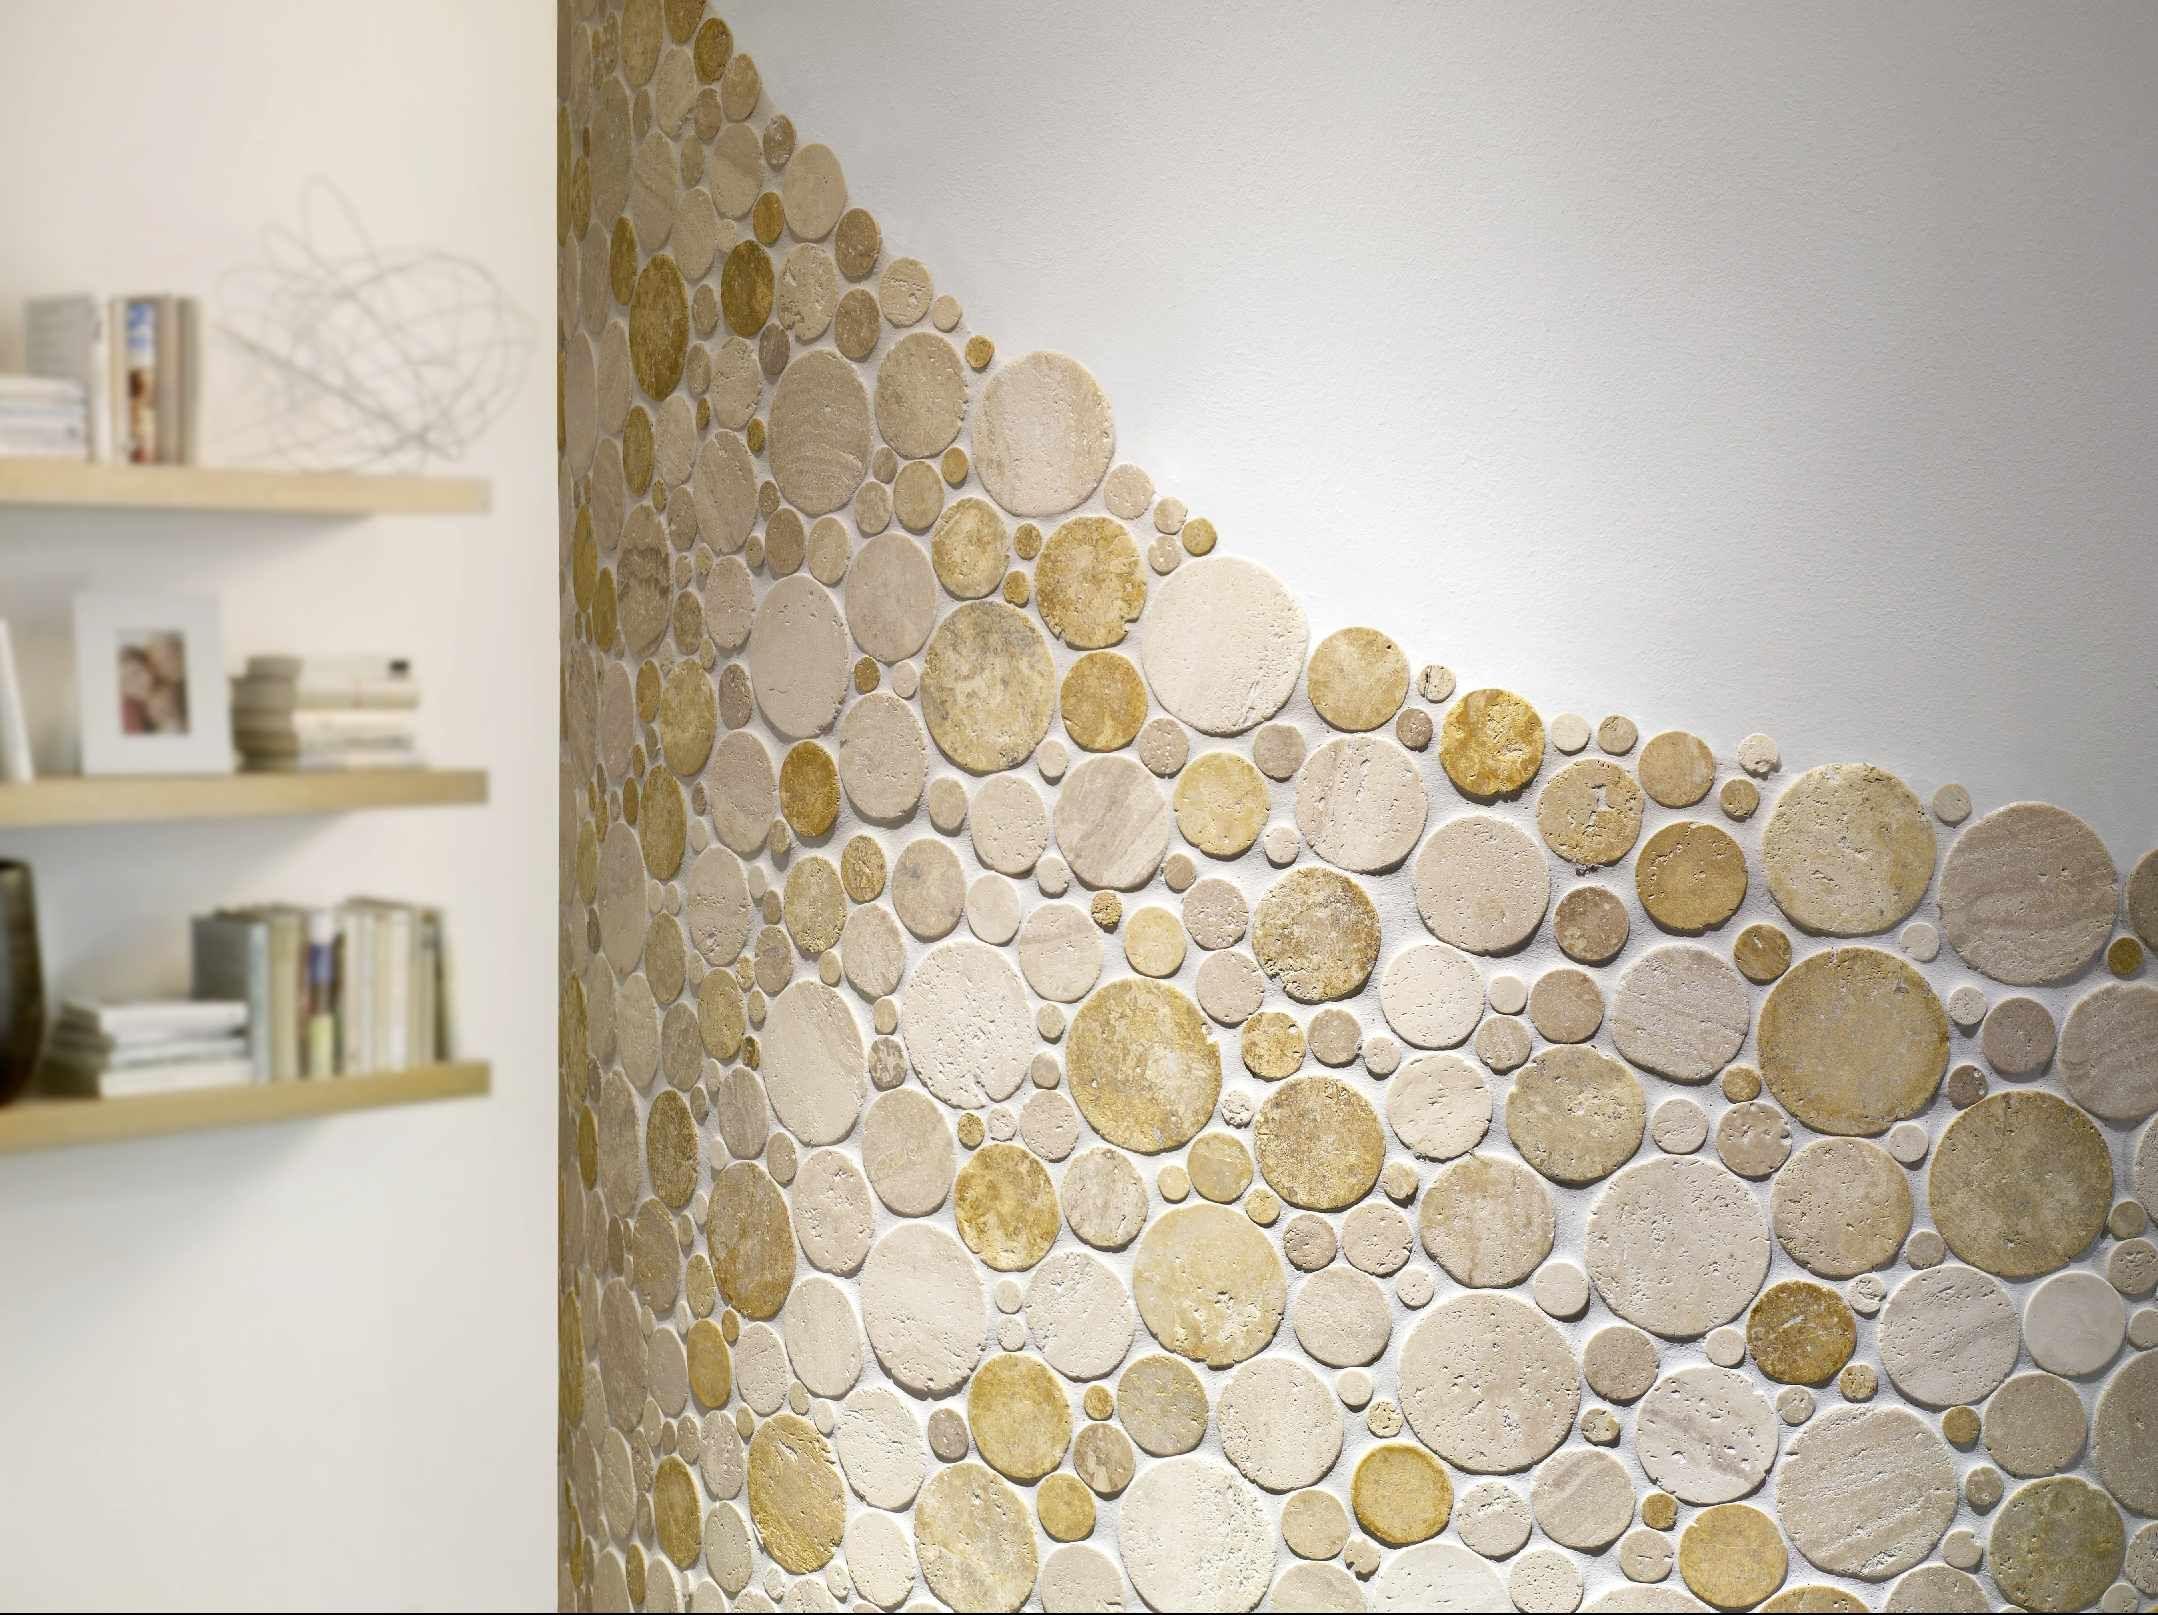 Naturstein Mosaik CIRCLE von Bärwolf - Natursteinmosaik mit